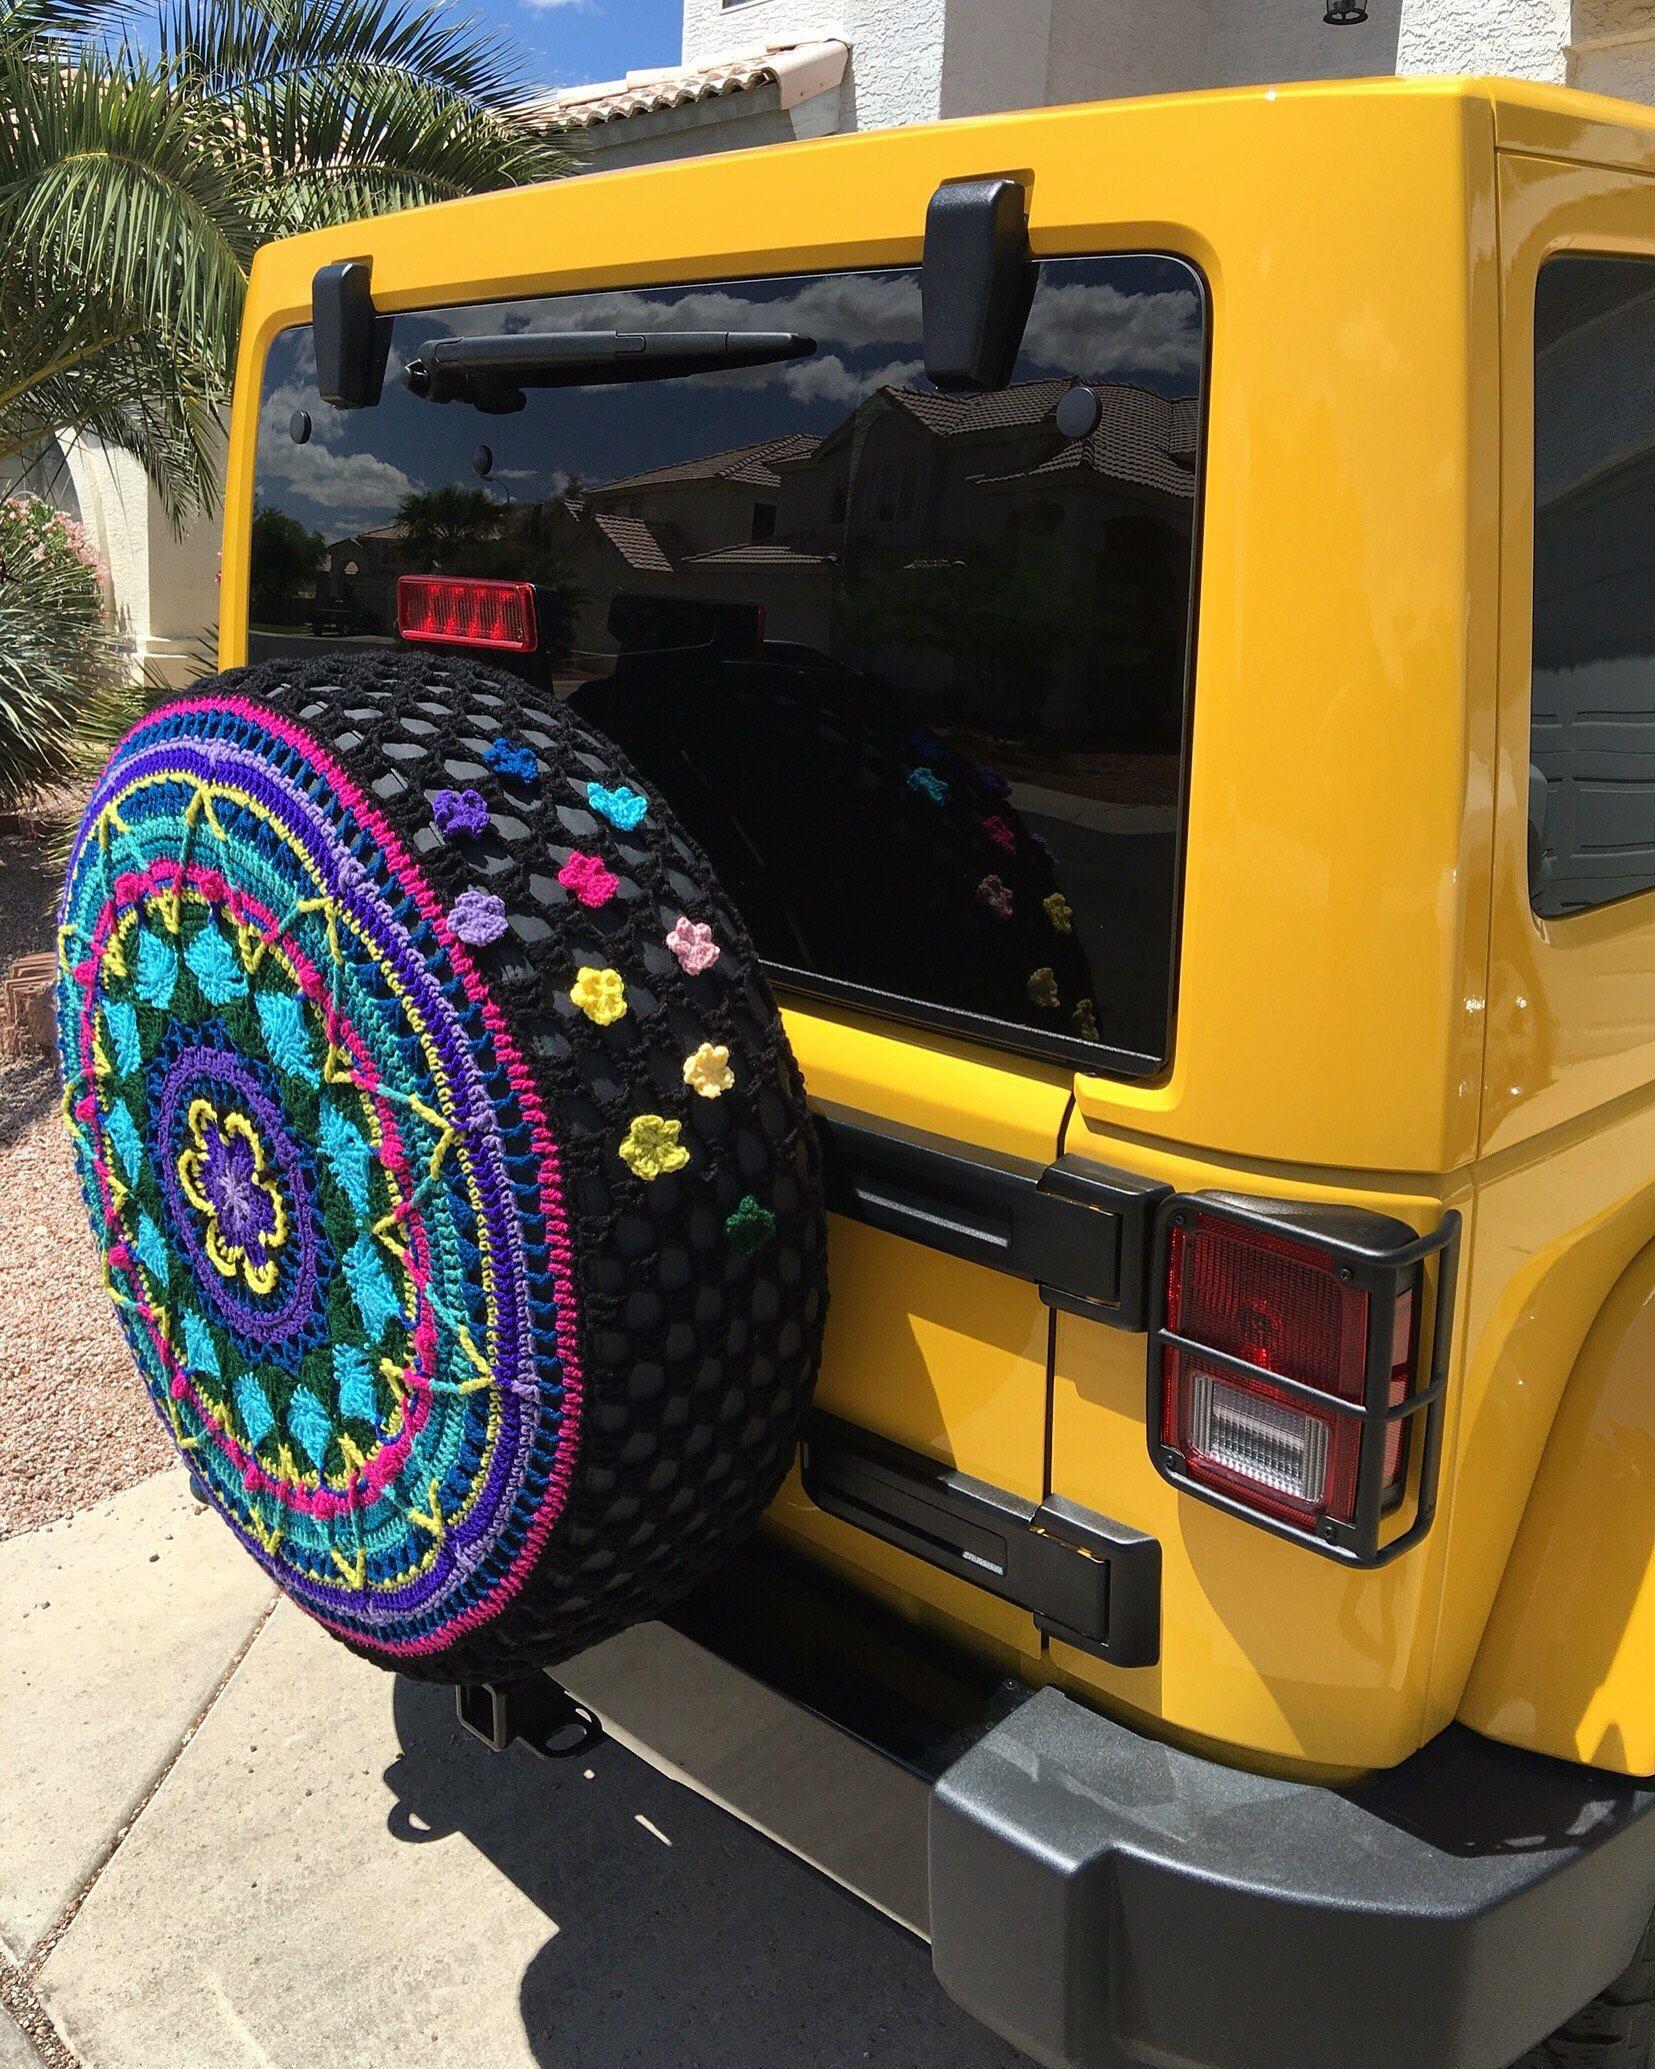 Custom Tire Cover Spare Tire Cover Flower Burst Crochet Jeep Crv Fjcruiser Rav4 Cover Jeep Tire Cover Tire Cover Custom Tire Covers